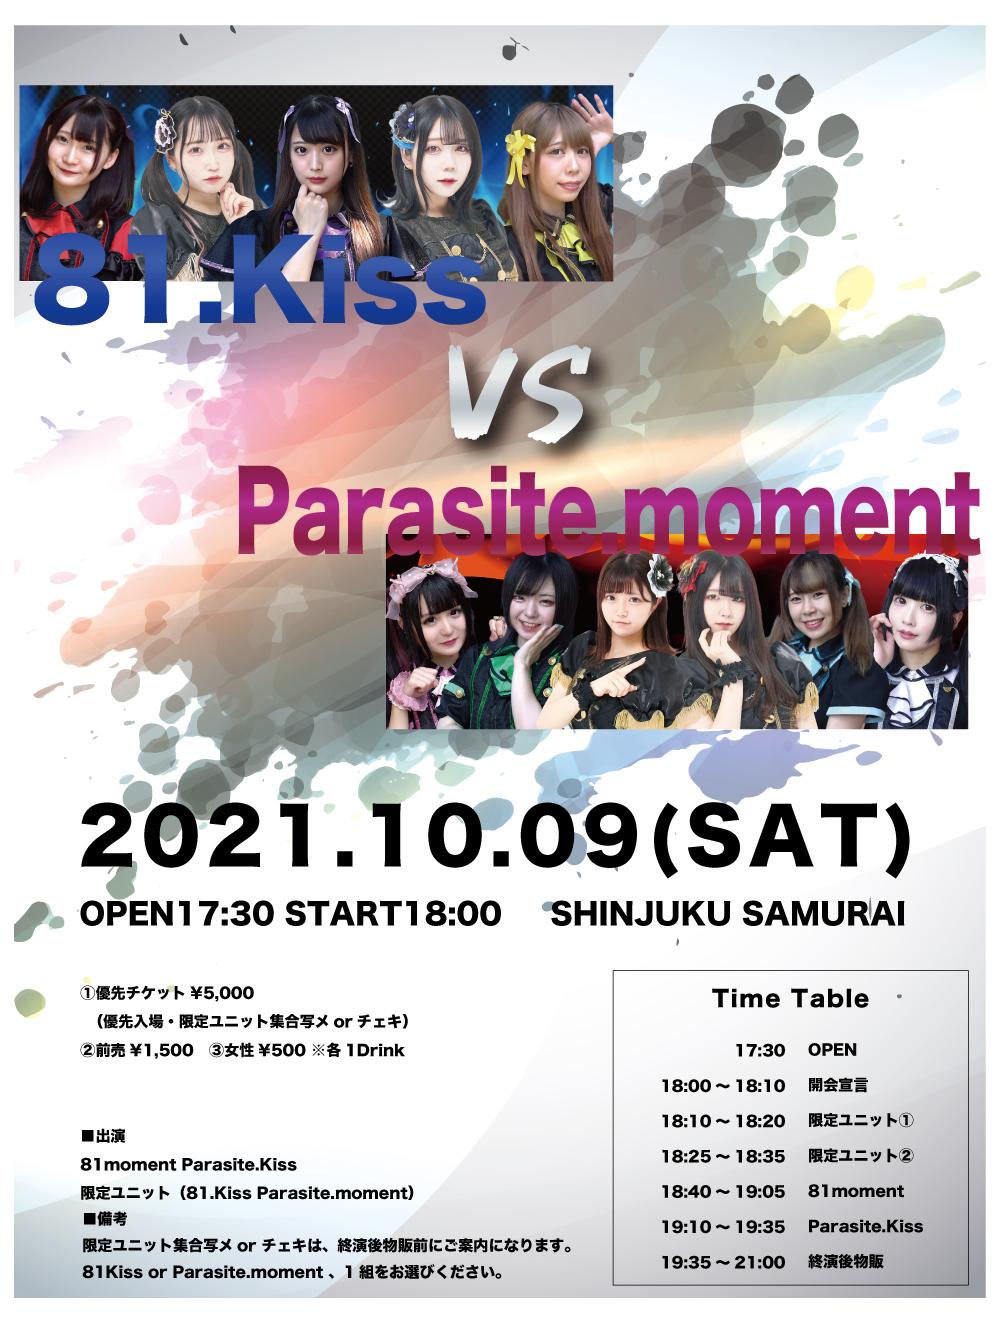 81.Kiss vs Parasite.moment